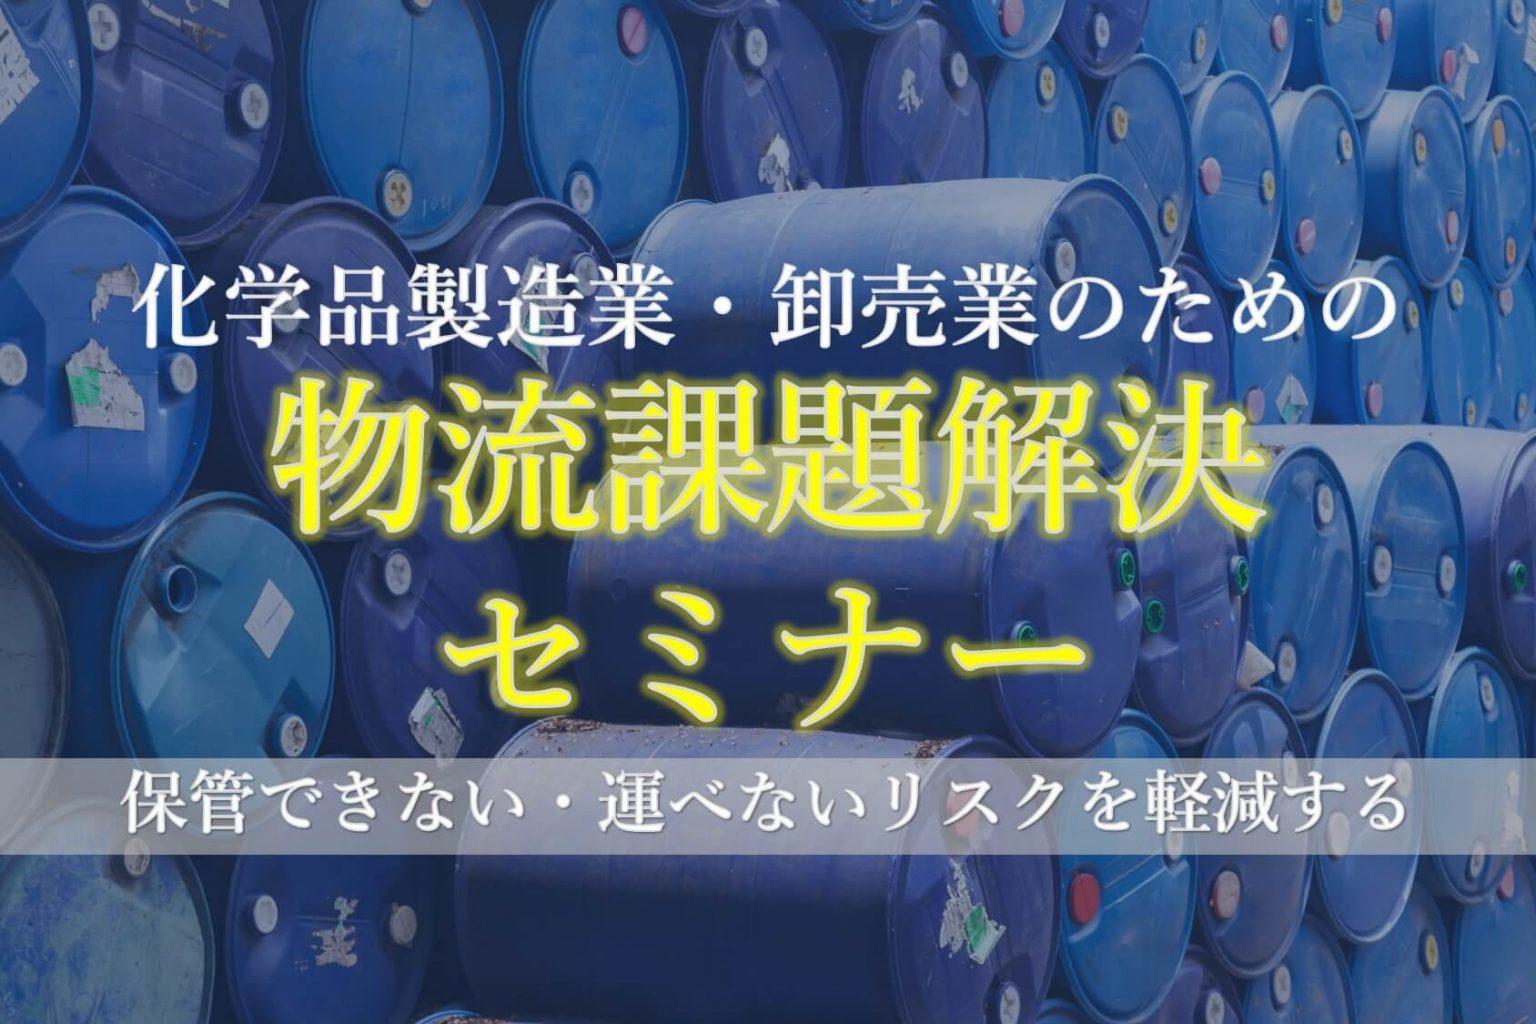 船井総研ロジ株式会社「化学品製造業・卸売業のための物流課題解決セミナー」